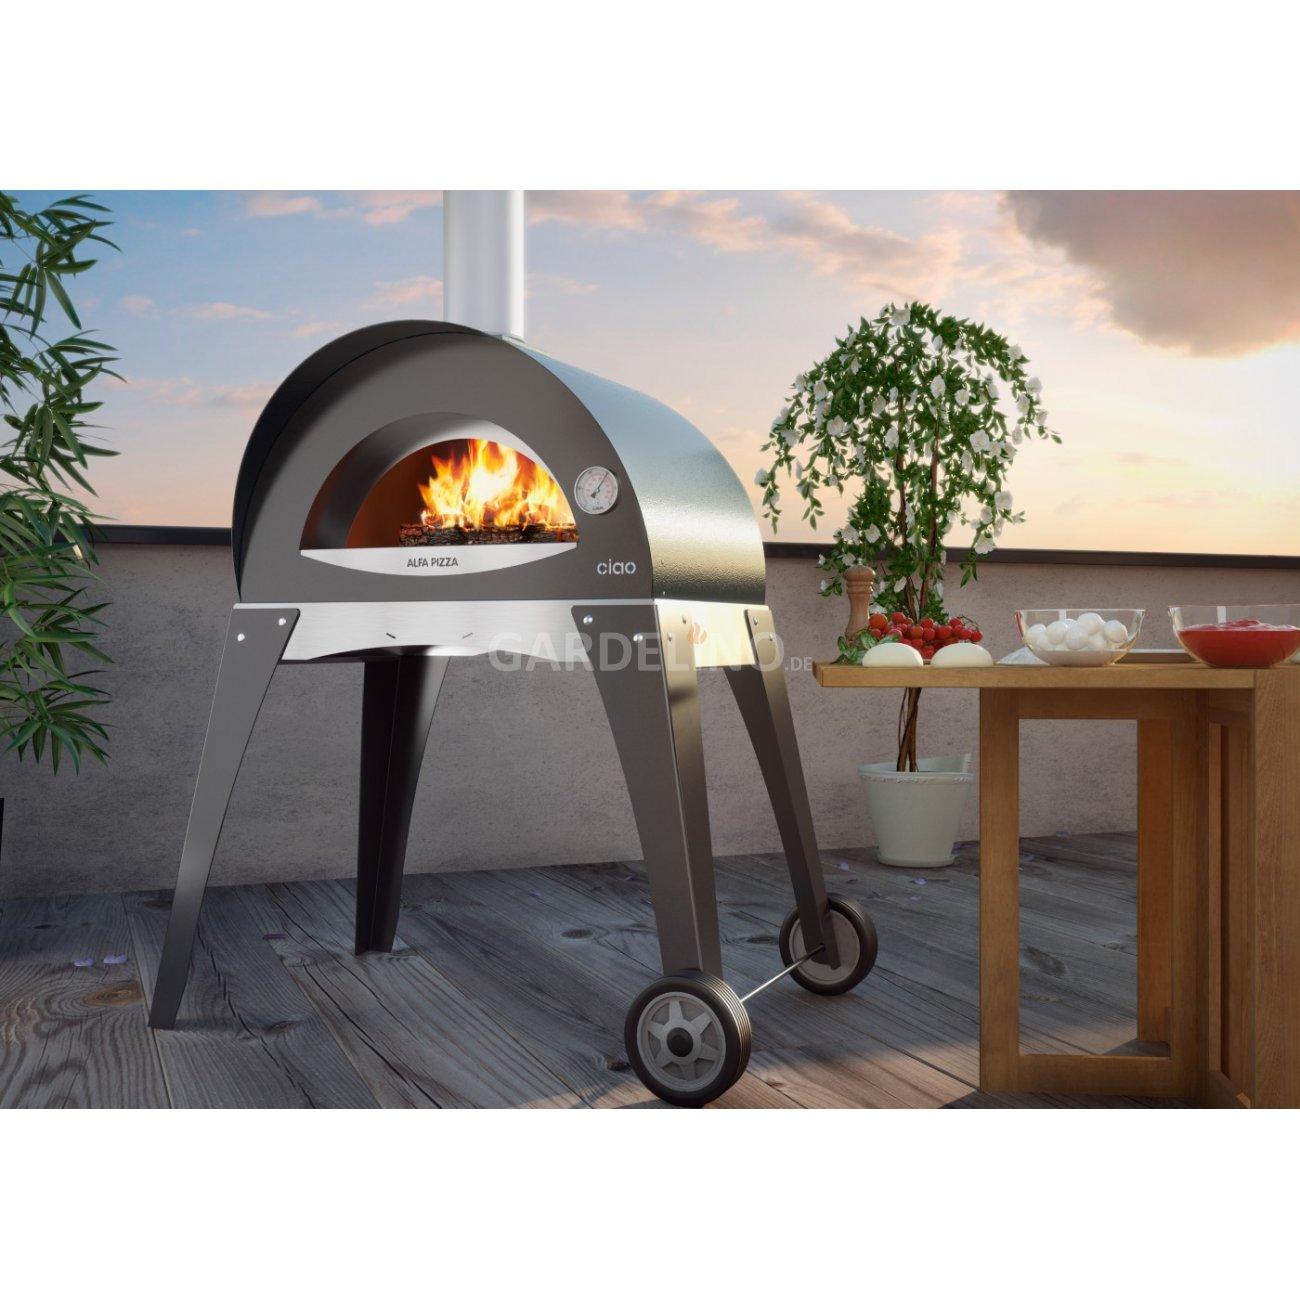 pizzaofen f r den garten rezept zutaten anleitung auf wie. Black Bedroom Furniture Sets. Home Design Ideas